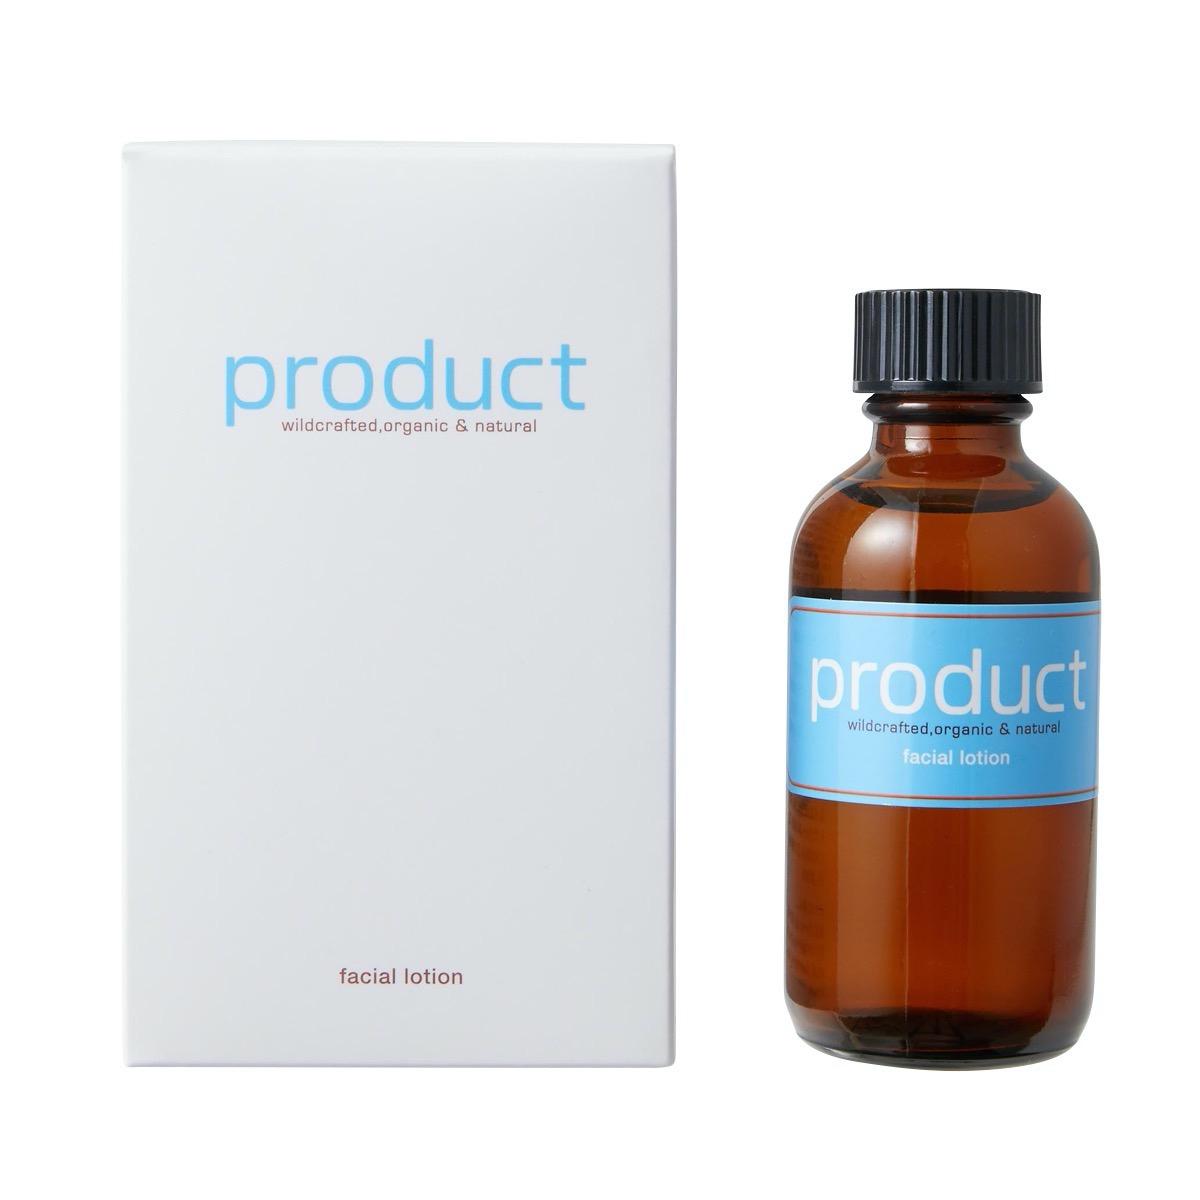 ダマスクローズ蒸留水がお肌を整えるproduct(プロダクト)『フェイシャルローション』をご紹介に関する画像4